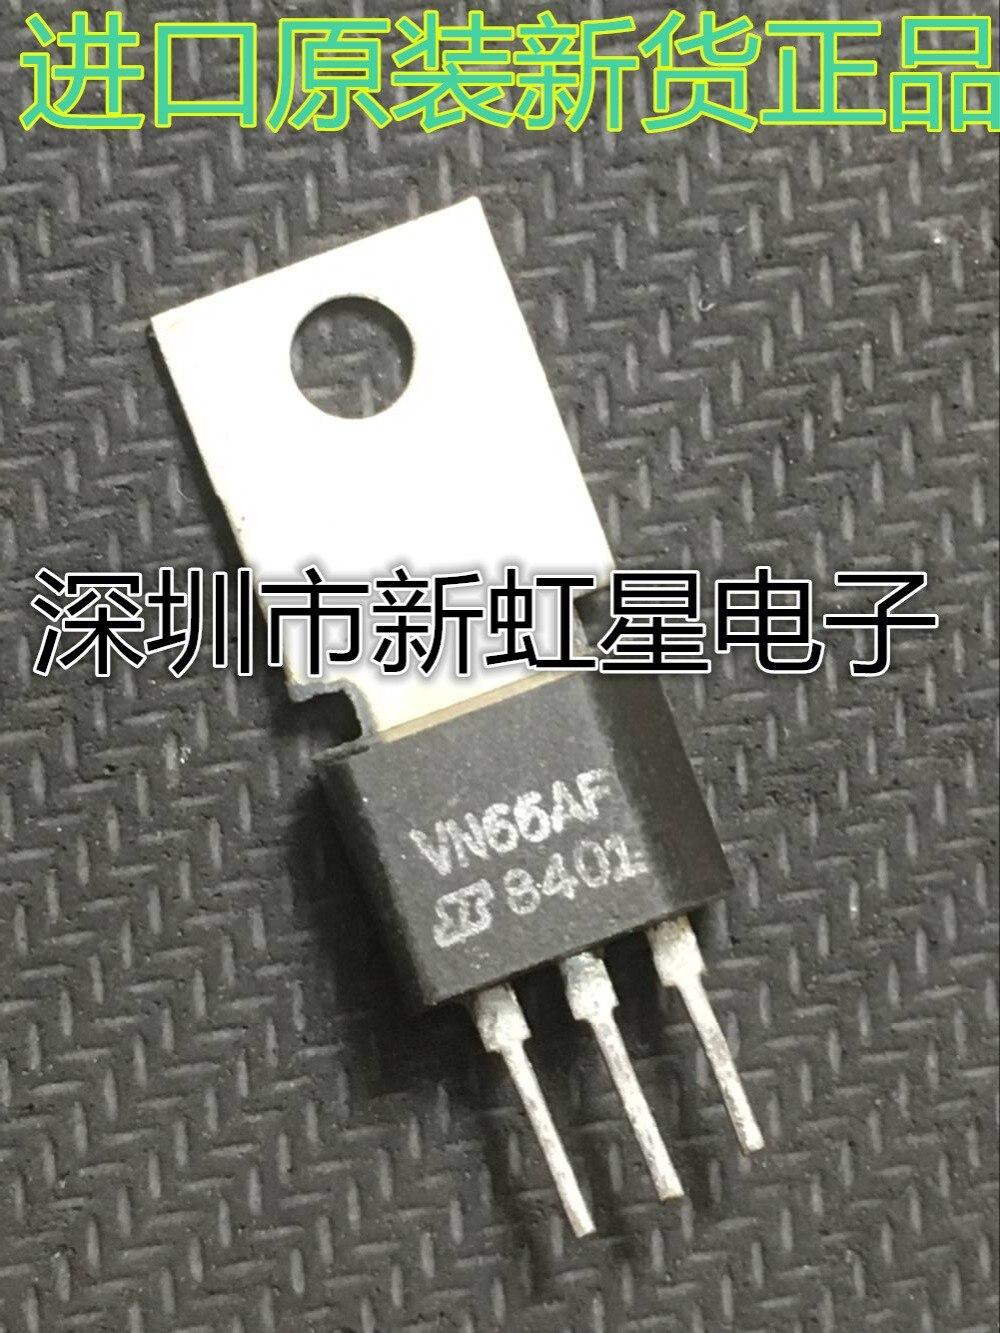 New   2PCS VN66AF  TO220